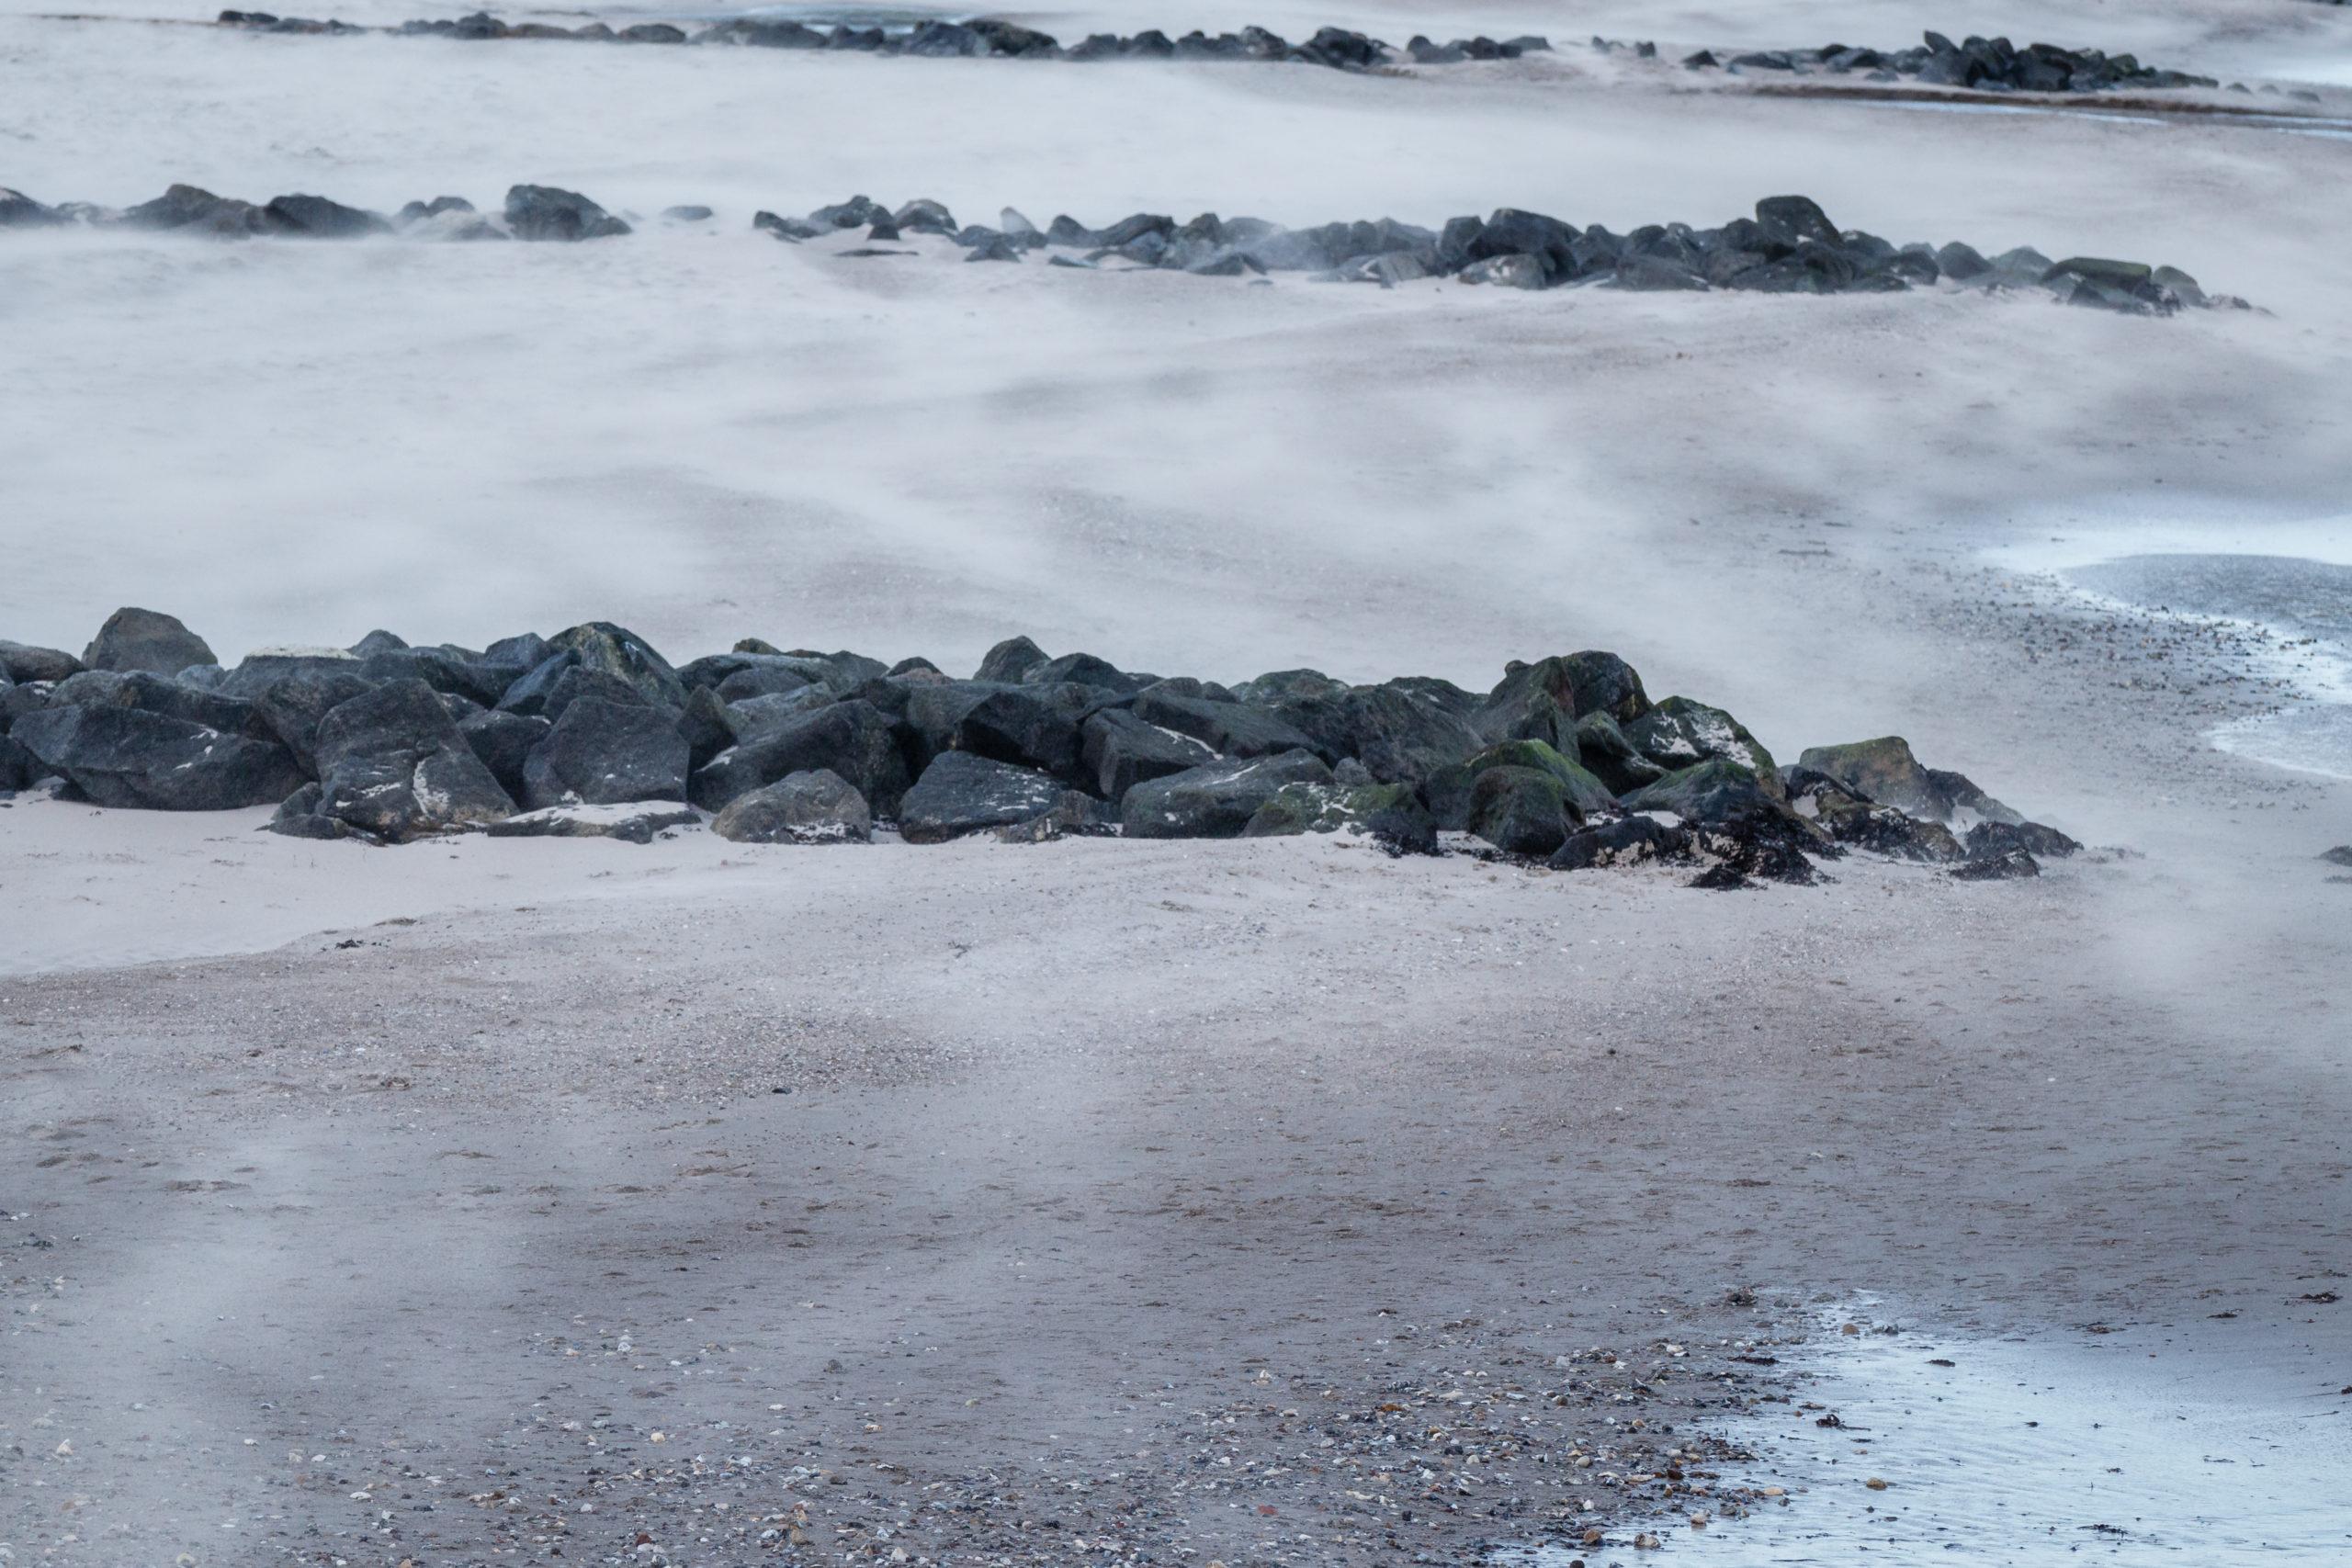 Sand wird vom Wind über den Strand getragen